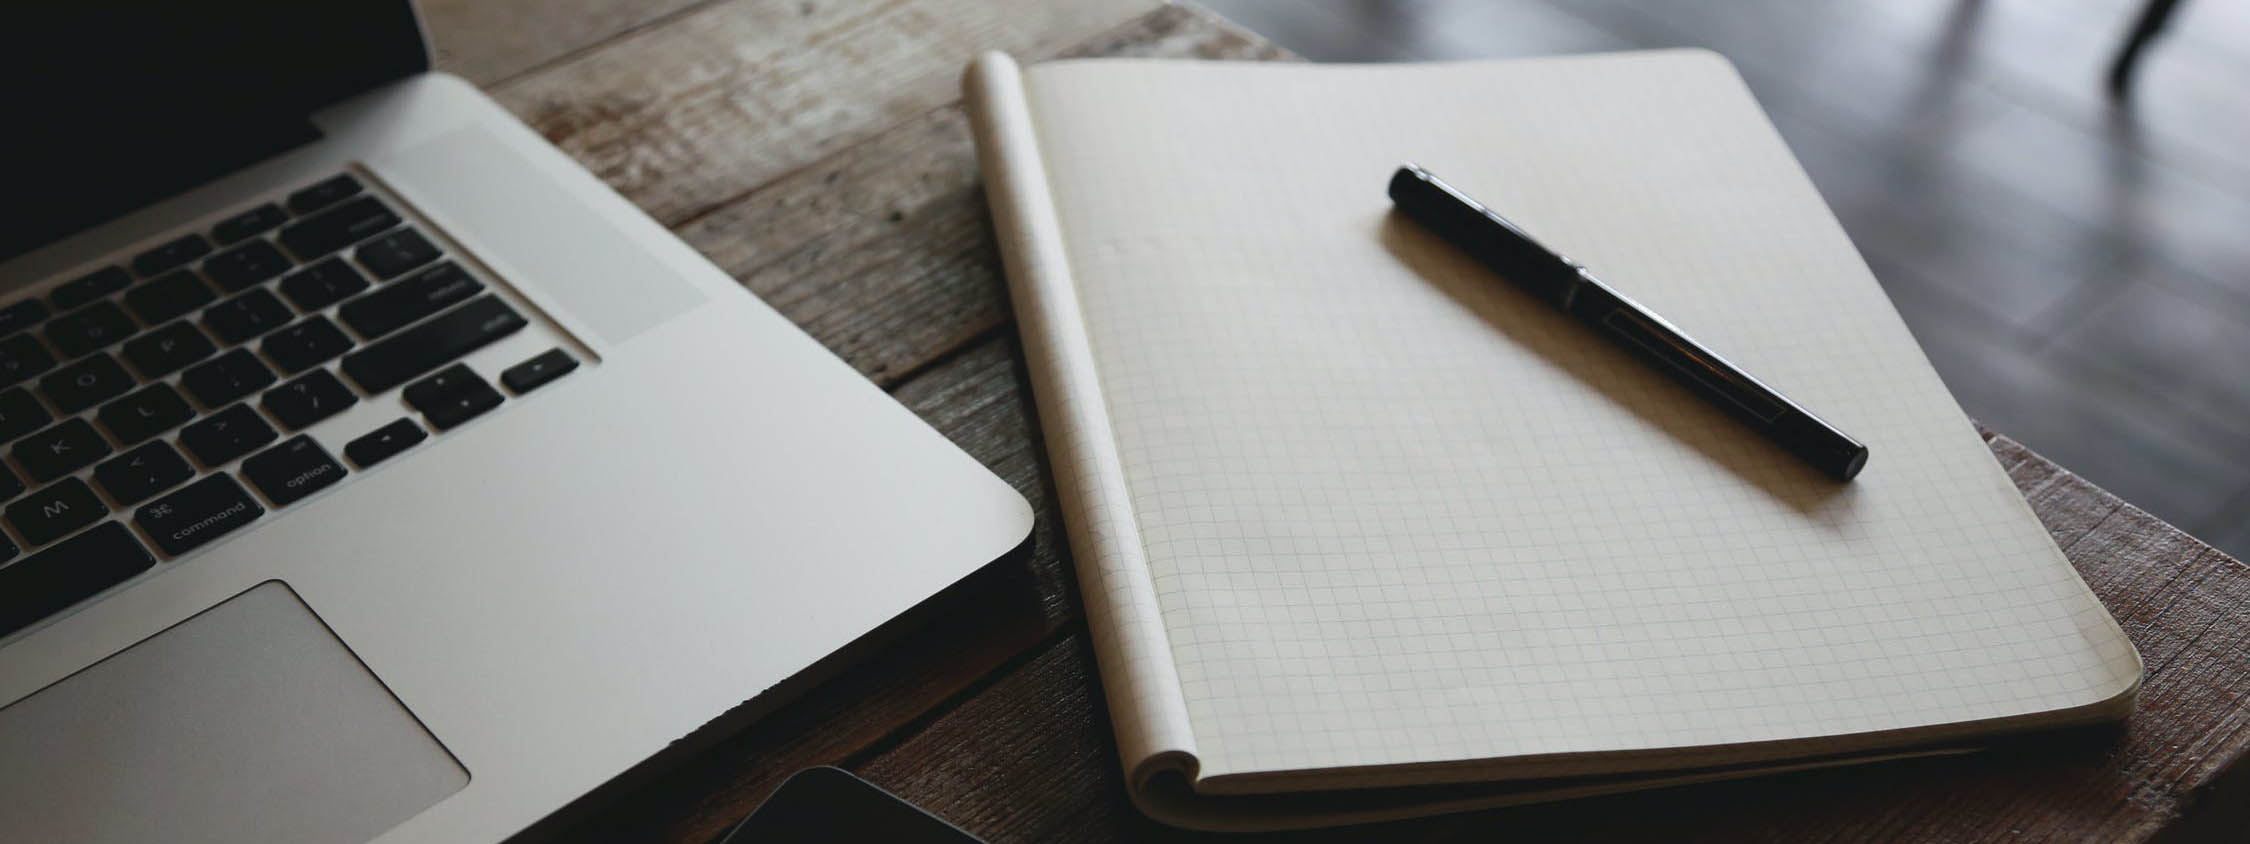 Un ordinateur portable et un cahier sur une table